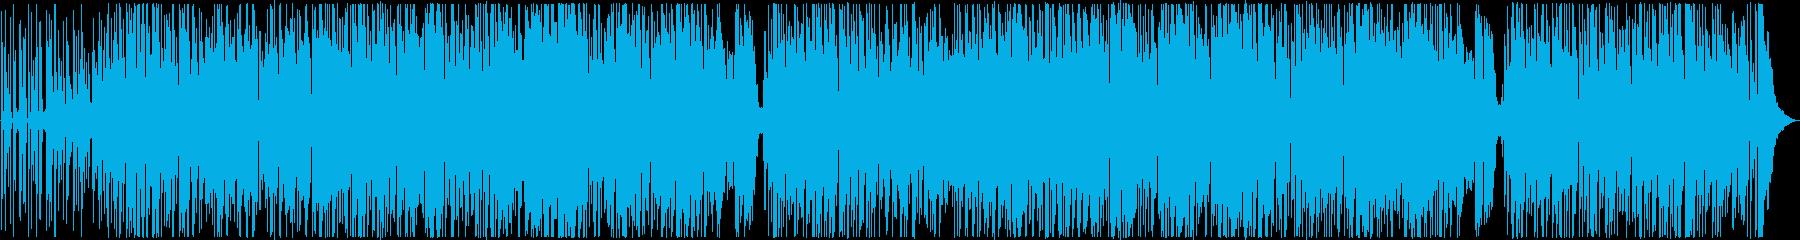 おしゃれで爽やかなボサノバの再生済みの波形